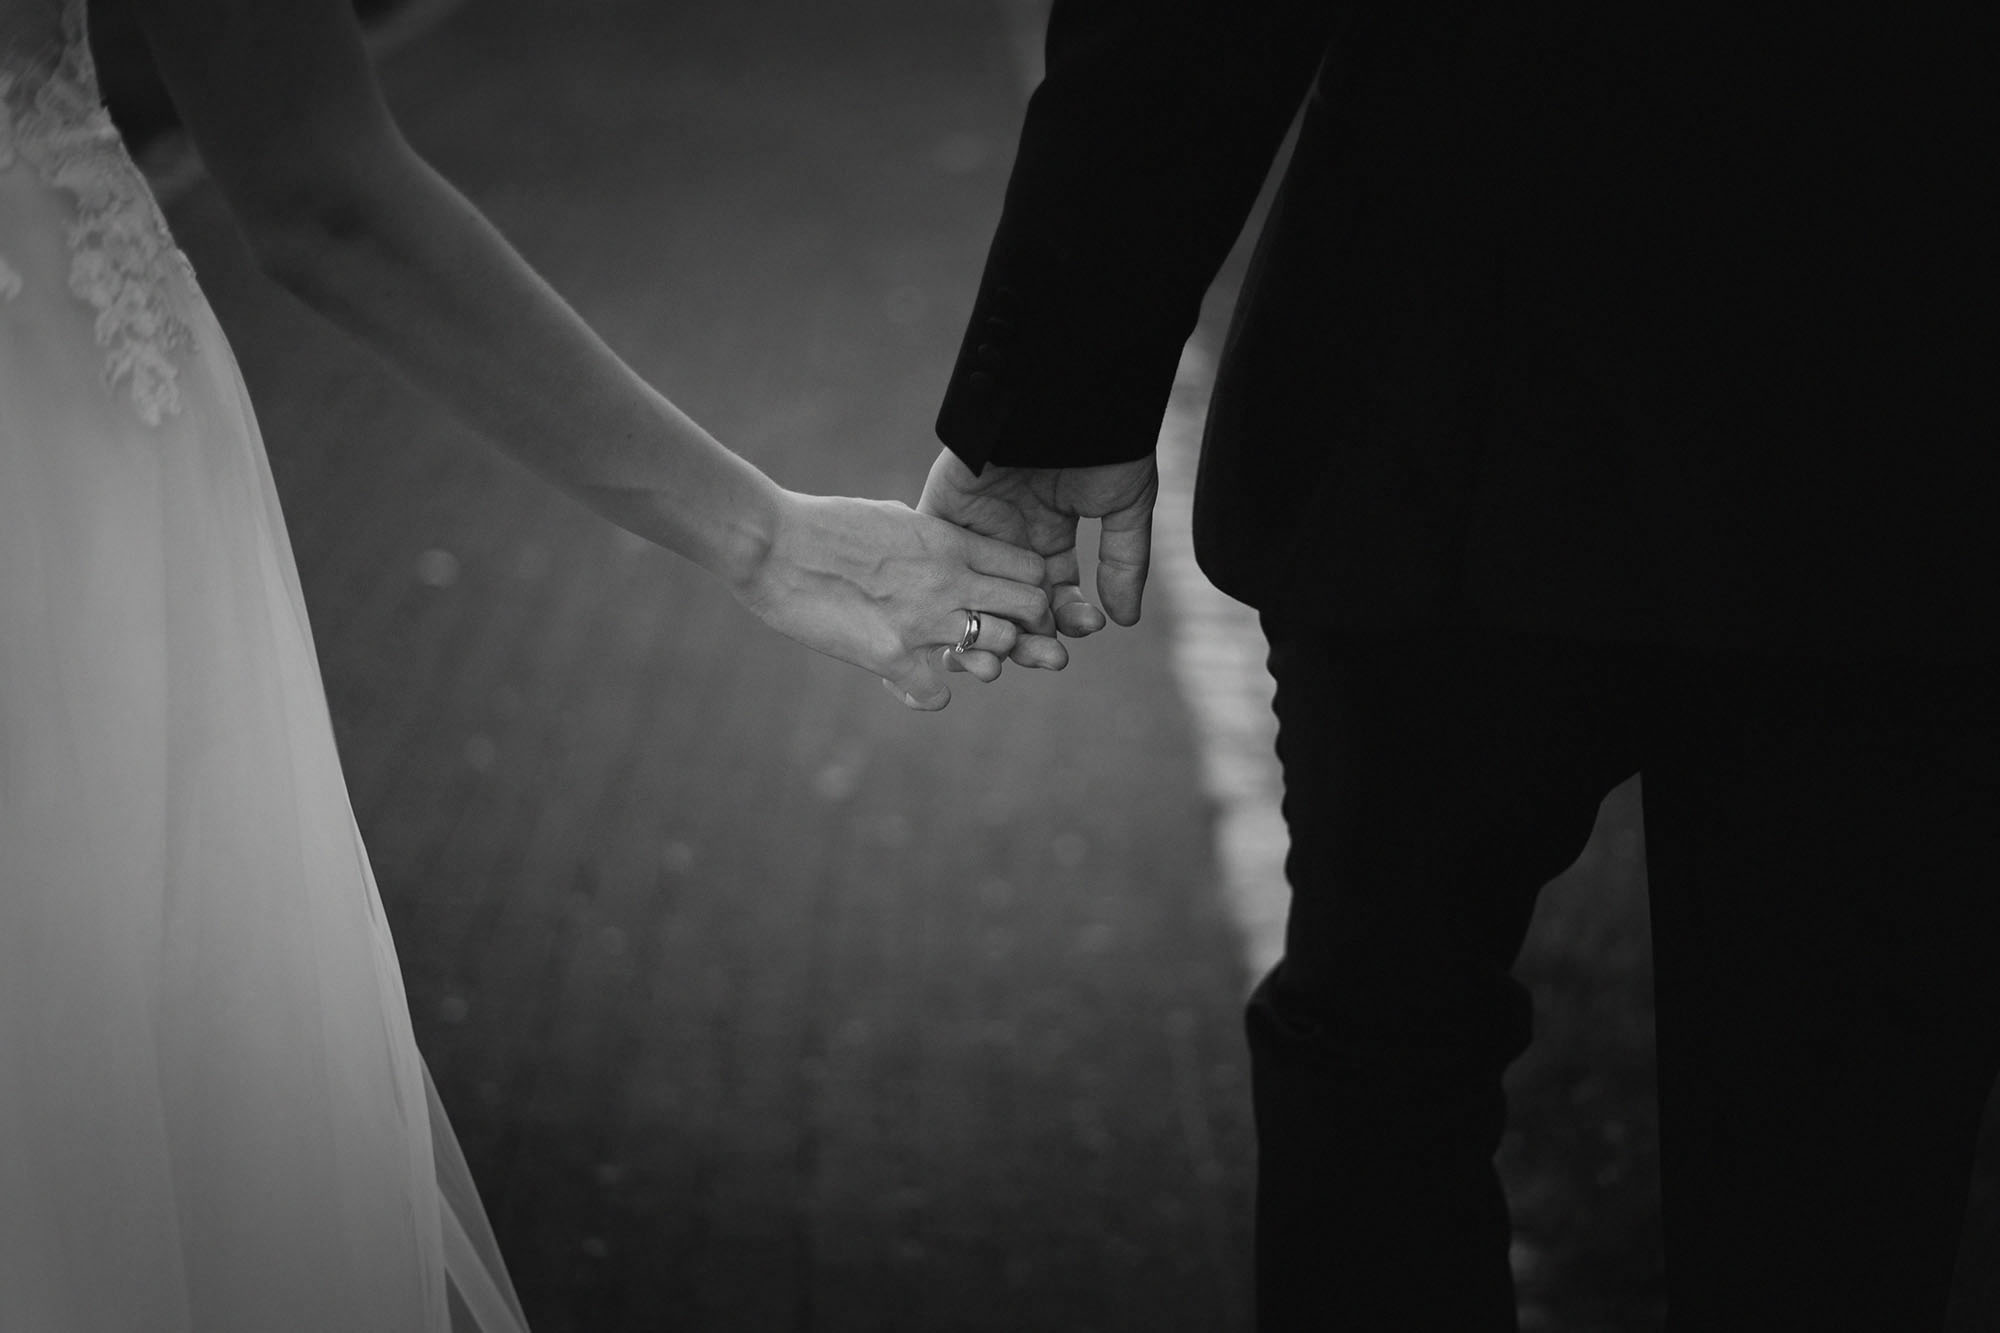 sesja slubna na lodce palac suchary00067 - Sesja ślubna przy Pałacu Suchary